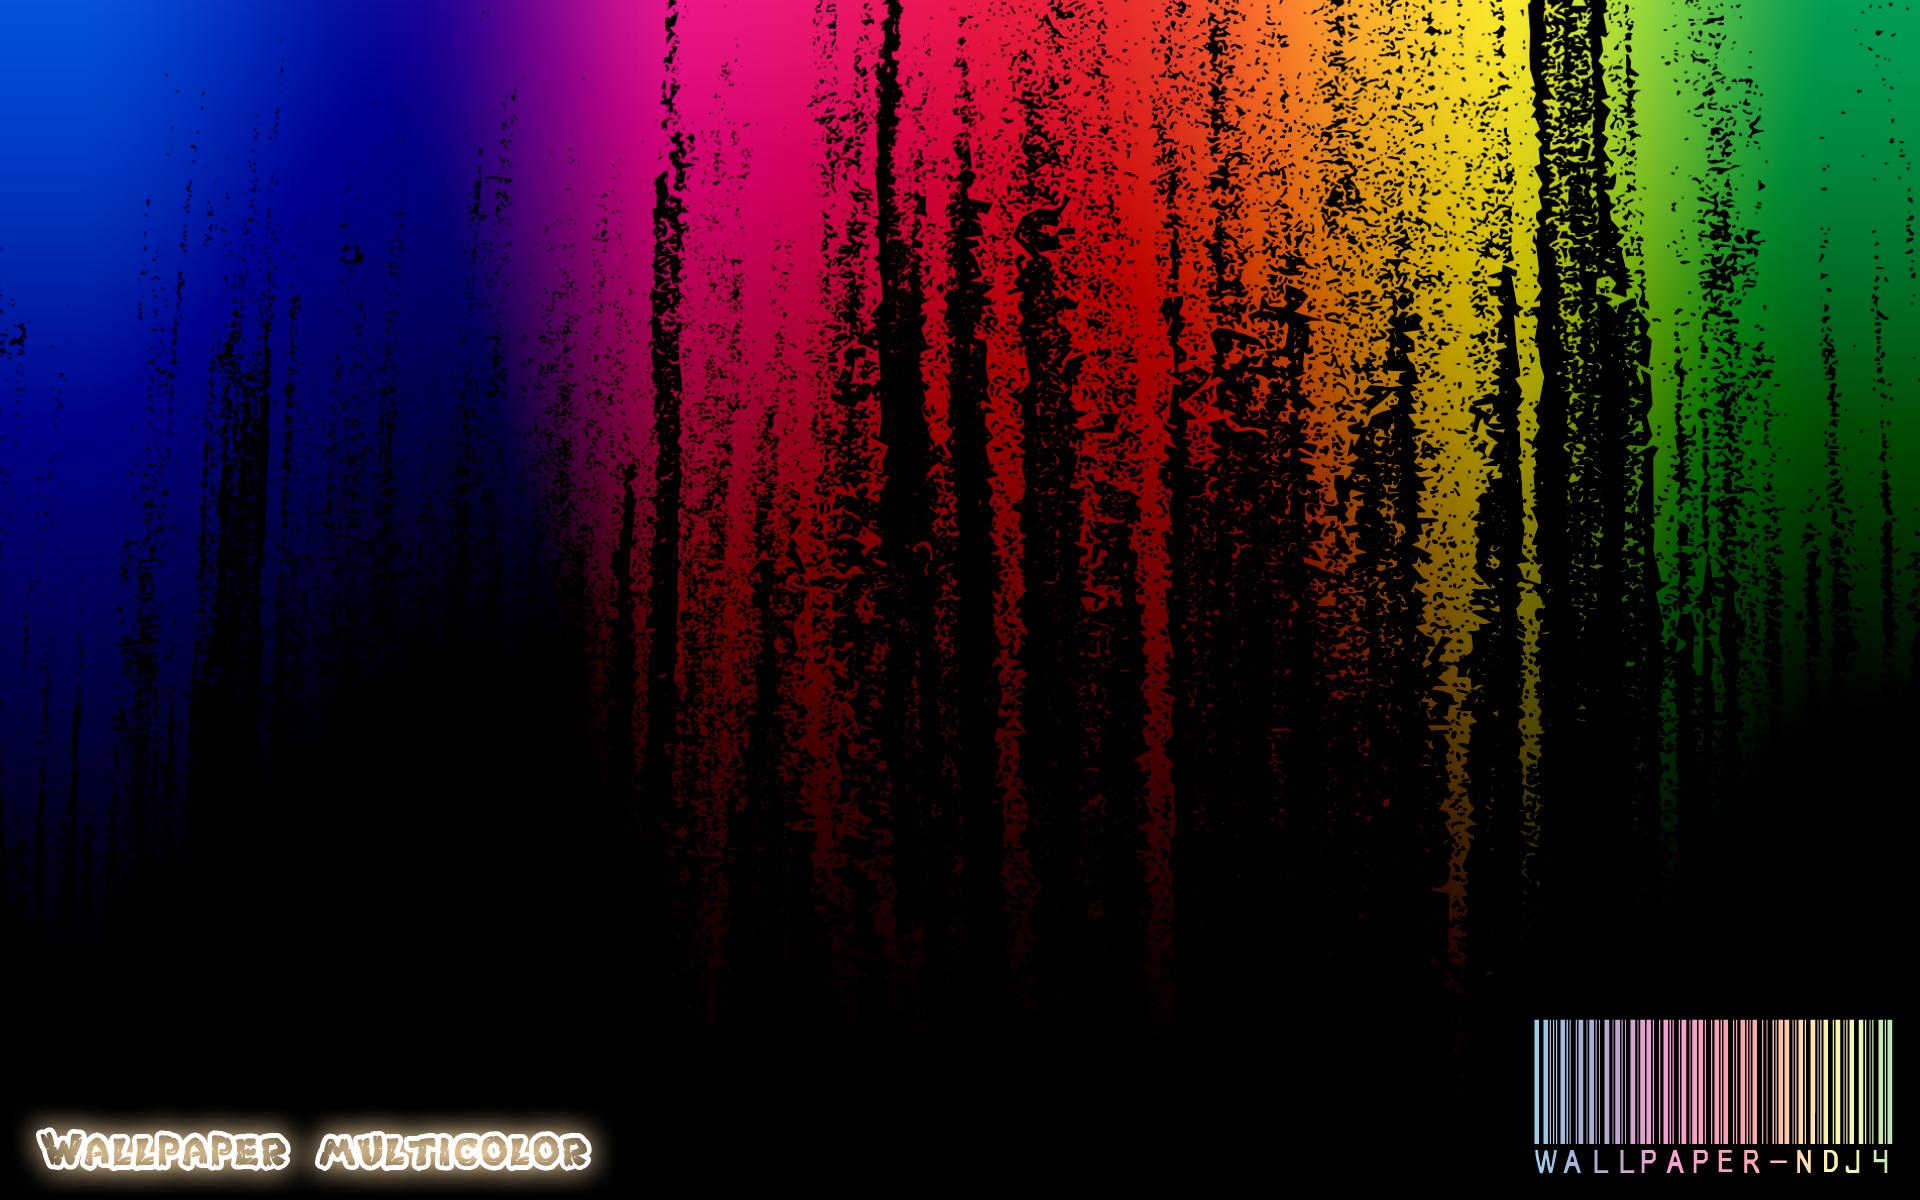 Fond d 39 ecran multicolor wallpaper for Fond wallpaper